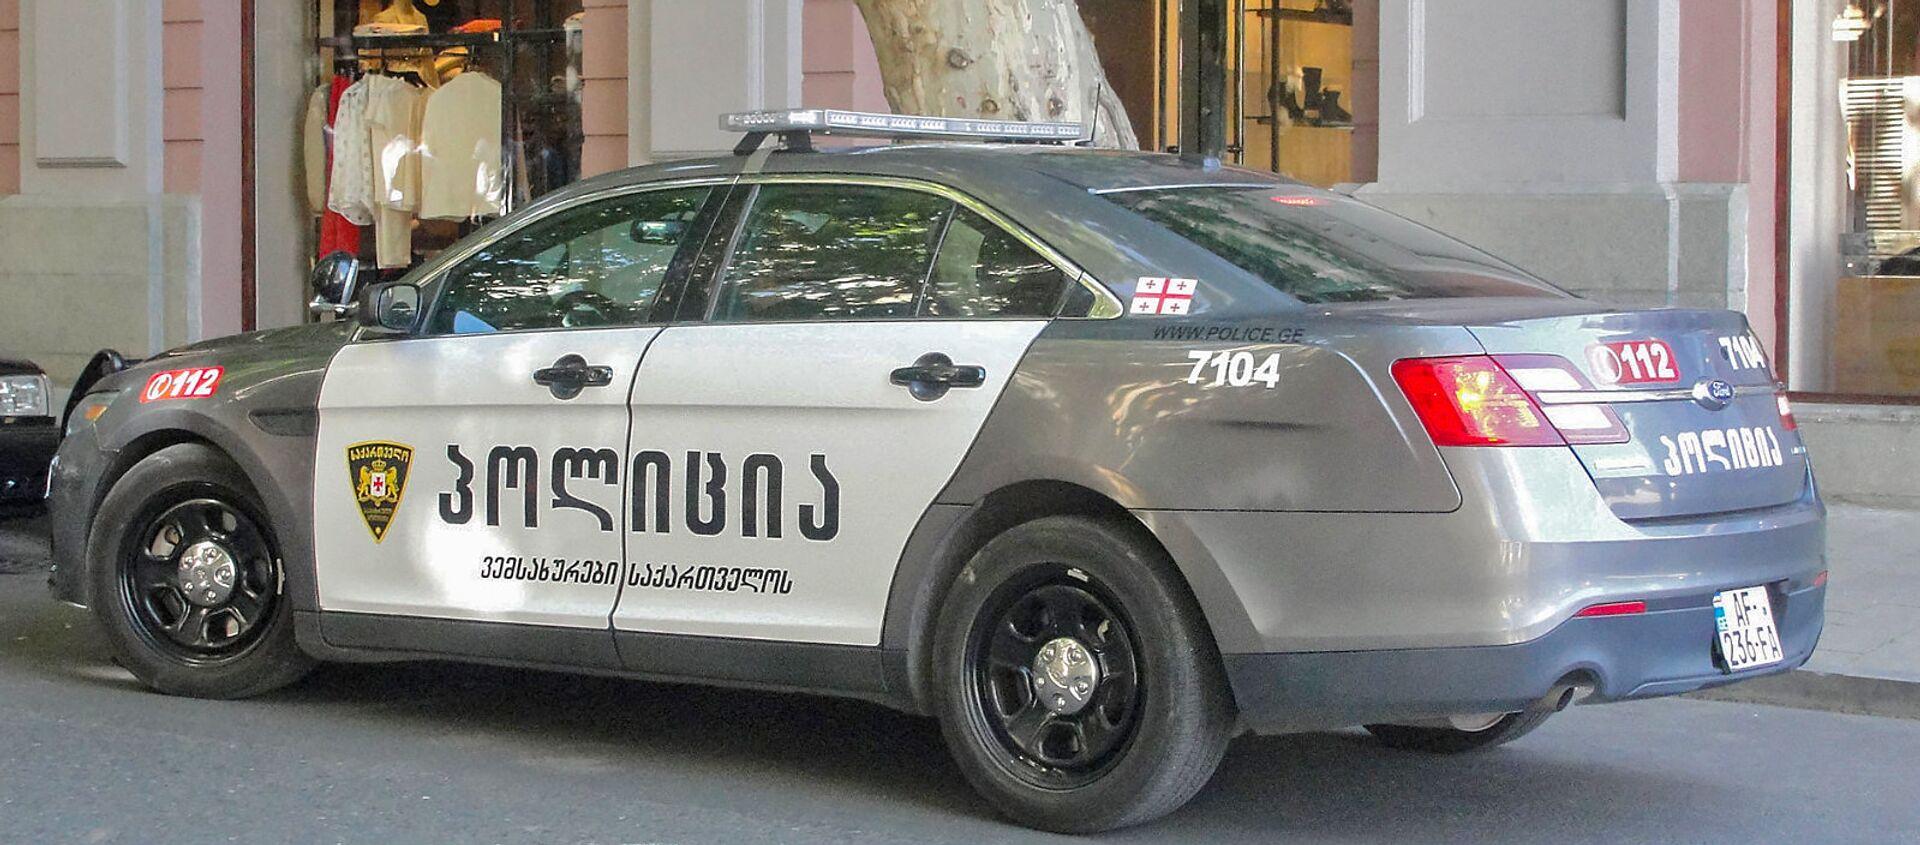 Полицейский автомобиль в Тбилиси - Sputnik Армения, 1920, 13.02.2021